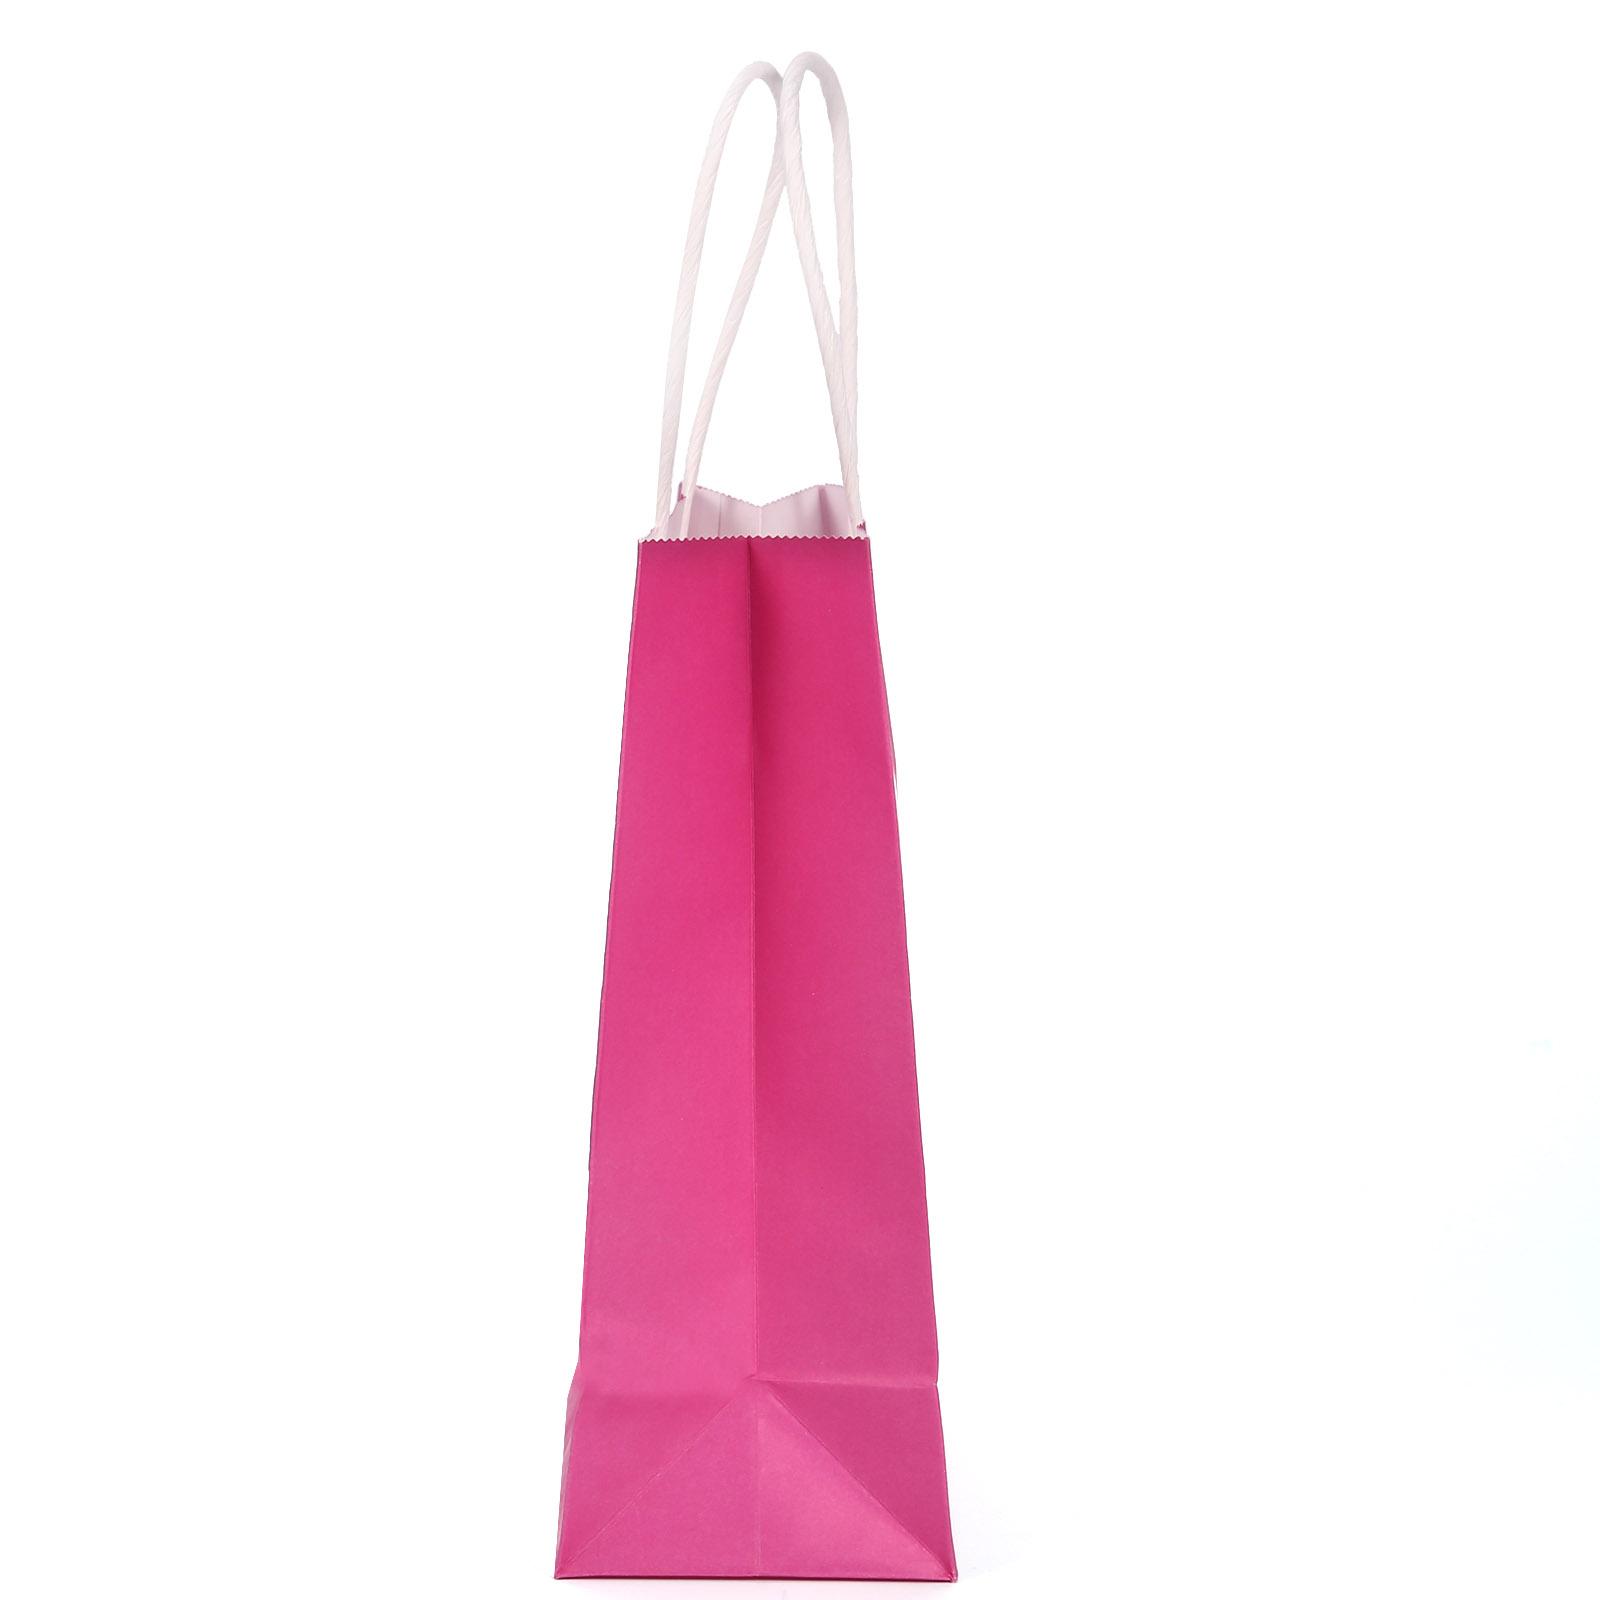 Sac de papier kraft pochette sachet pour bijoux cadeaux f te mariage 15x8x21cm ebay - Petit sac en papier pour mariage ...